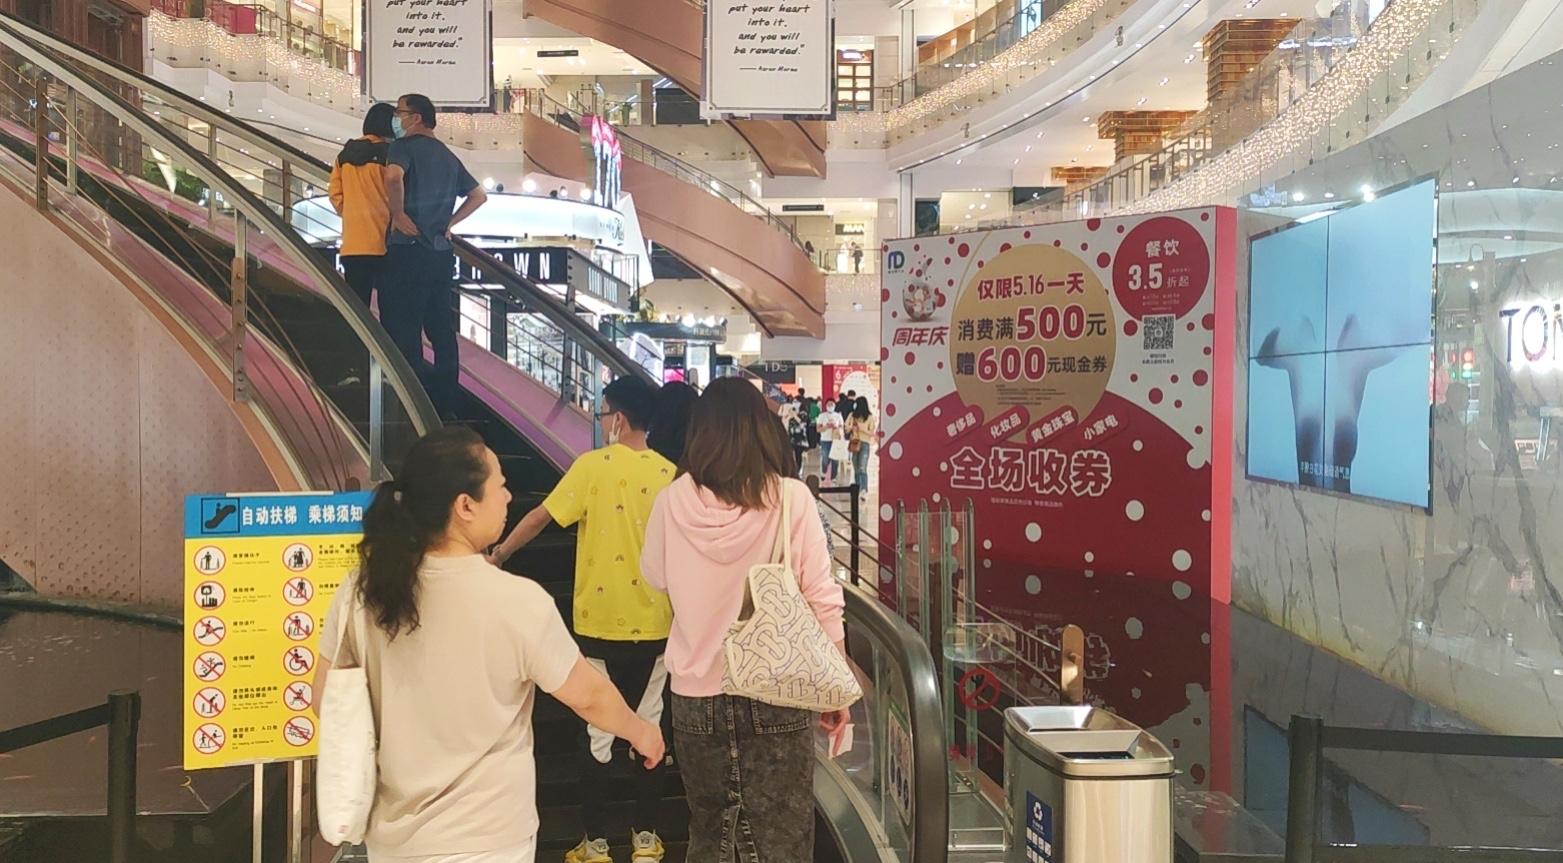 南京路步行街这家商场开业六年了,人气越来越旺,有啥秘诀